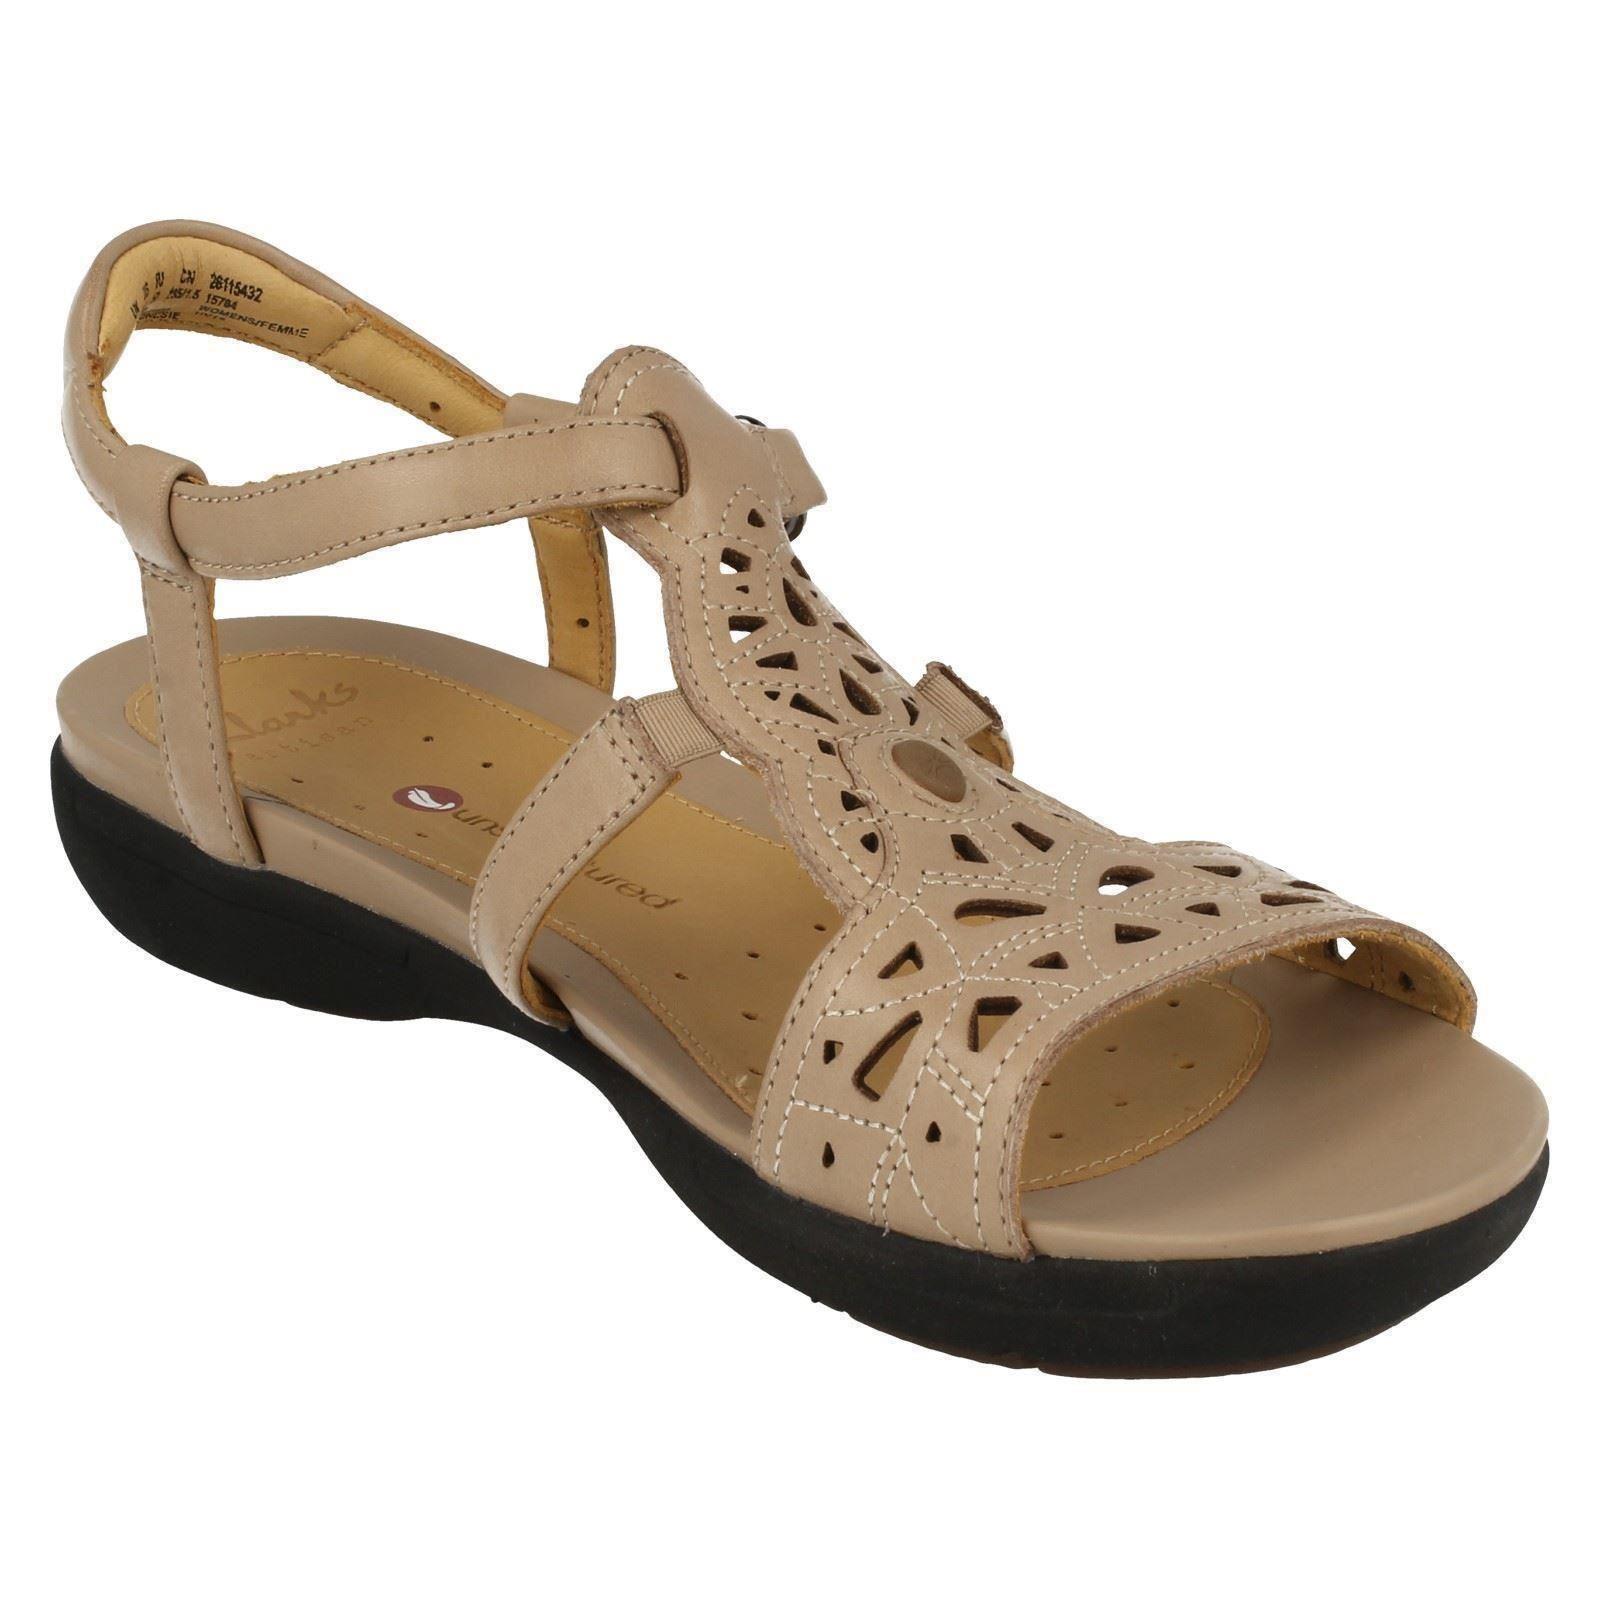 82c6d1800e3 Ladies-Clarks-Unstructured-Sandals-039-Un-Valencia-039 thumbnail